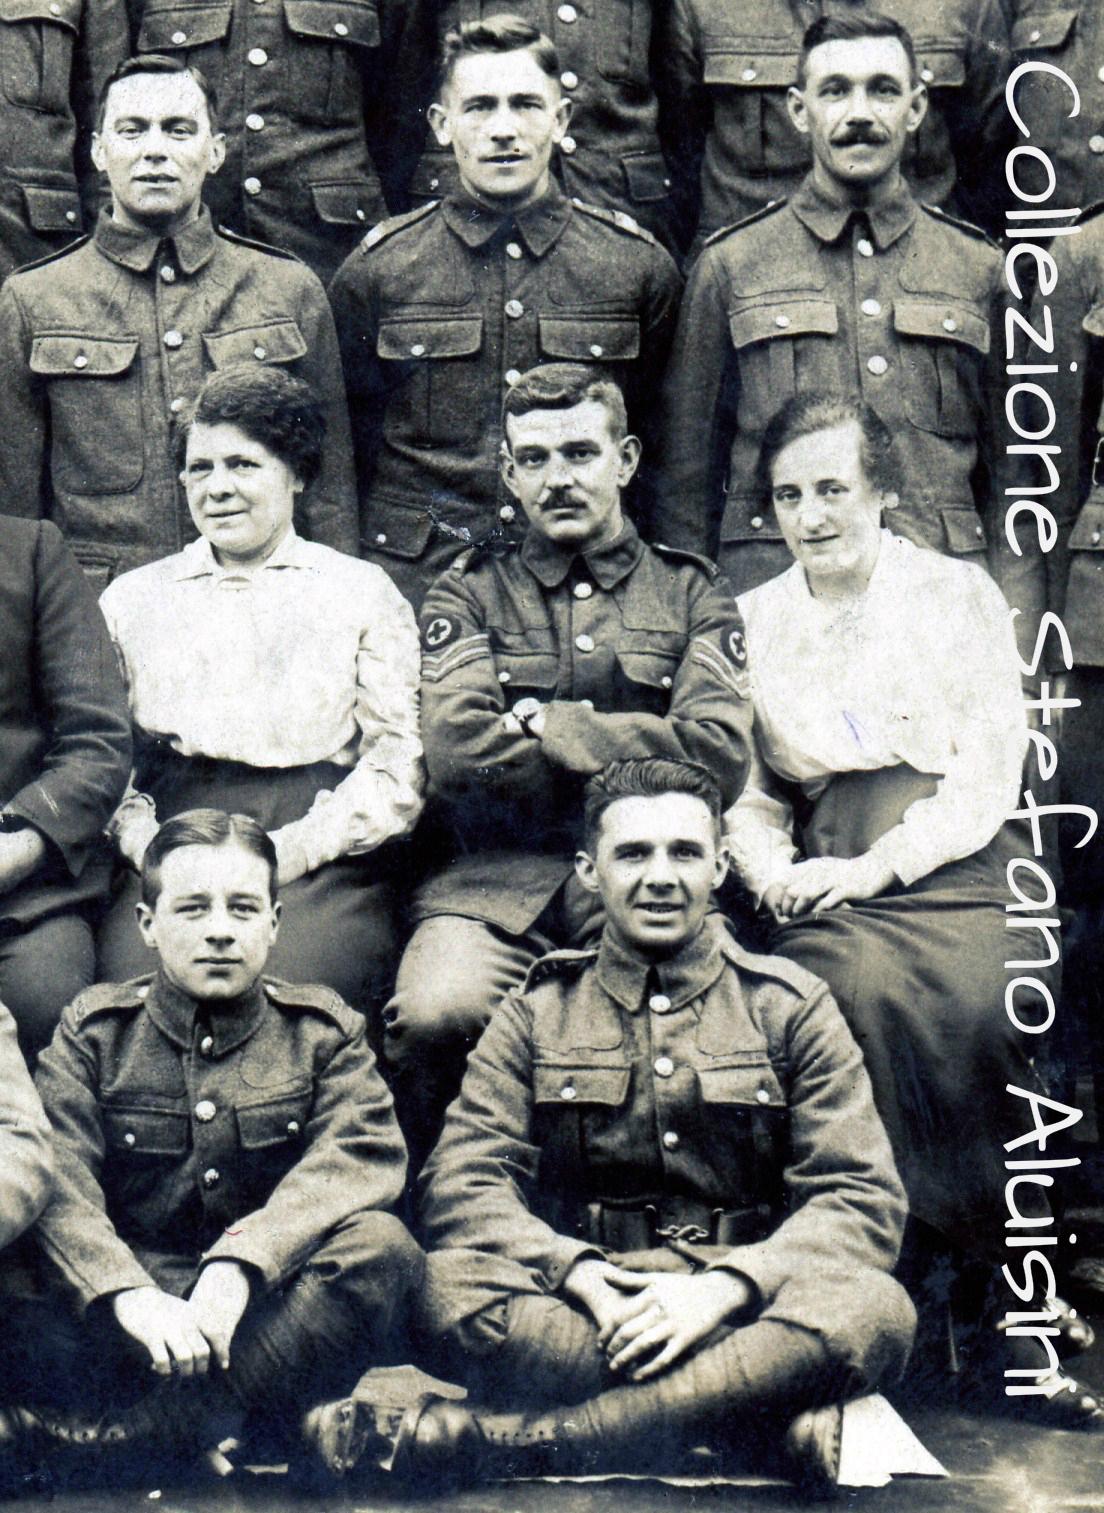 Militari Britannici e personale della Croce Rossa – fotografia datata 1914-1915 – provenienza Gran Bretagna